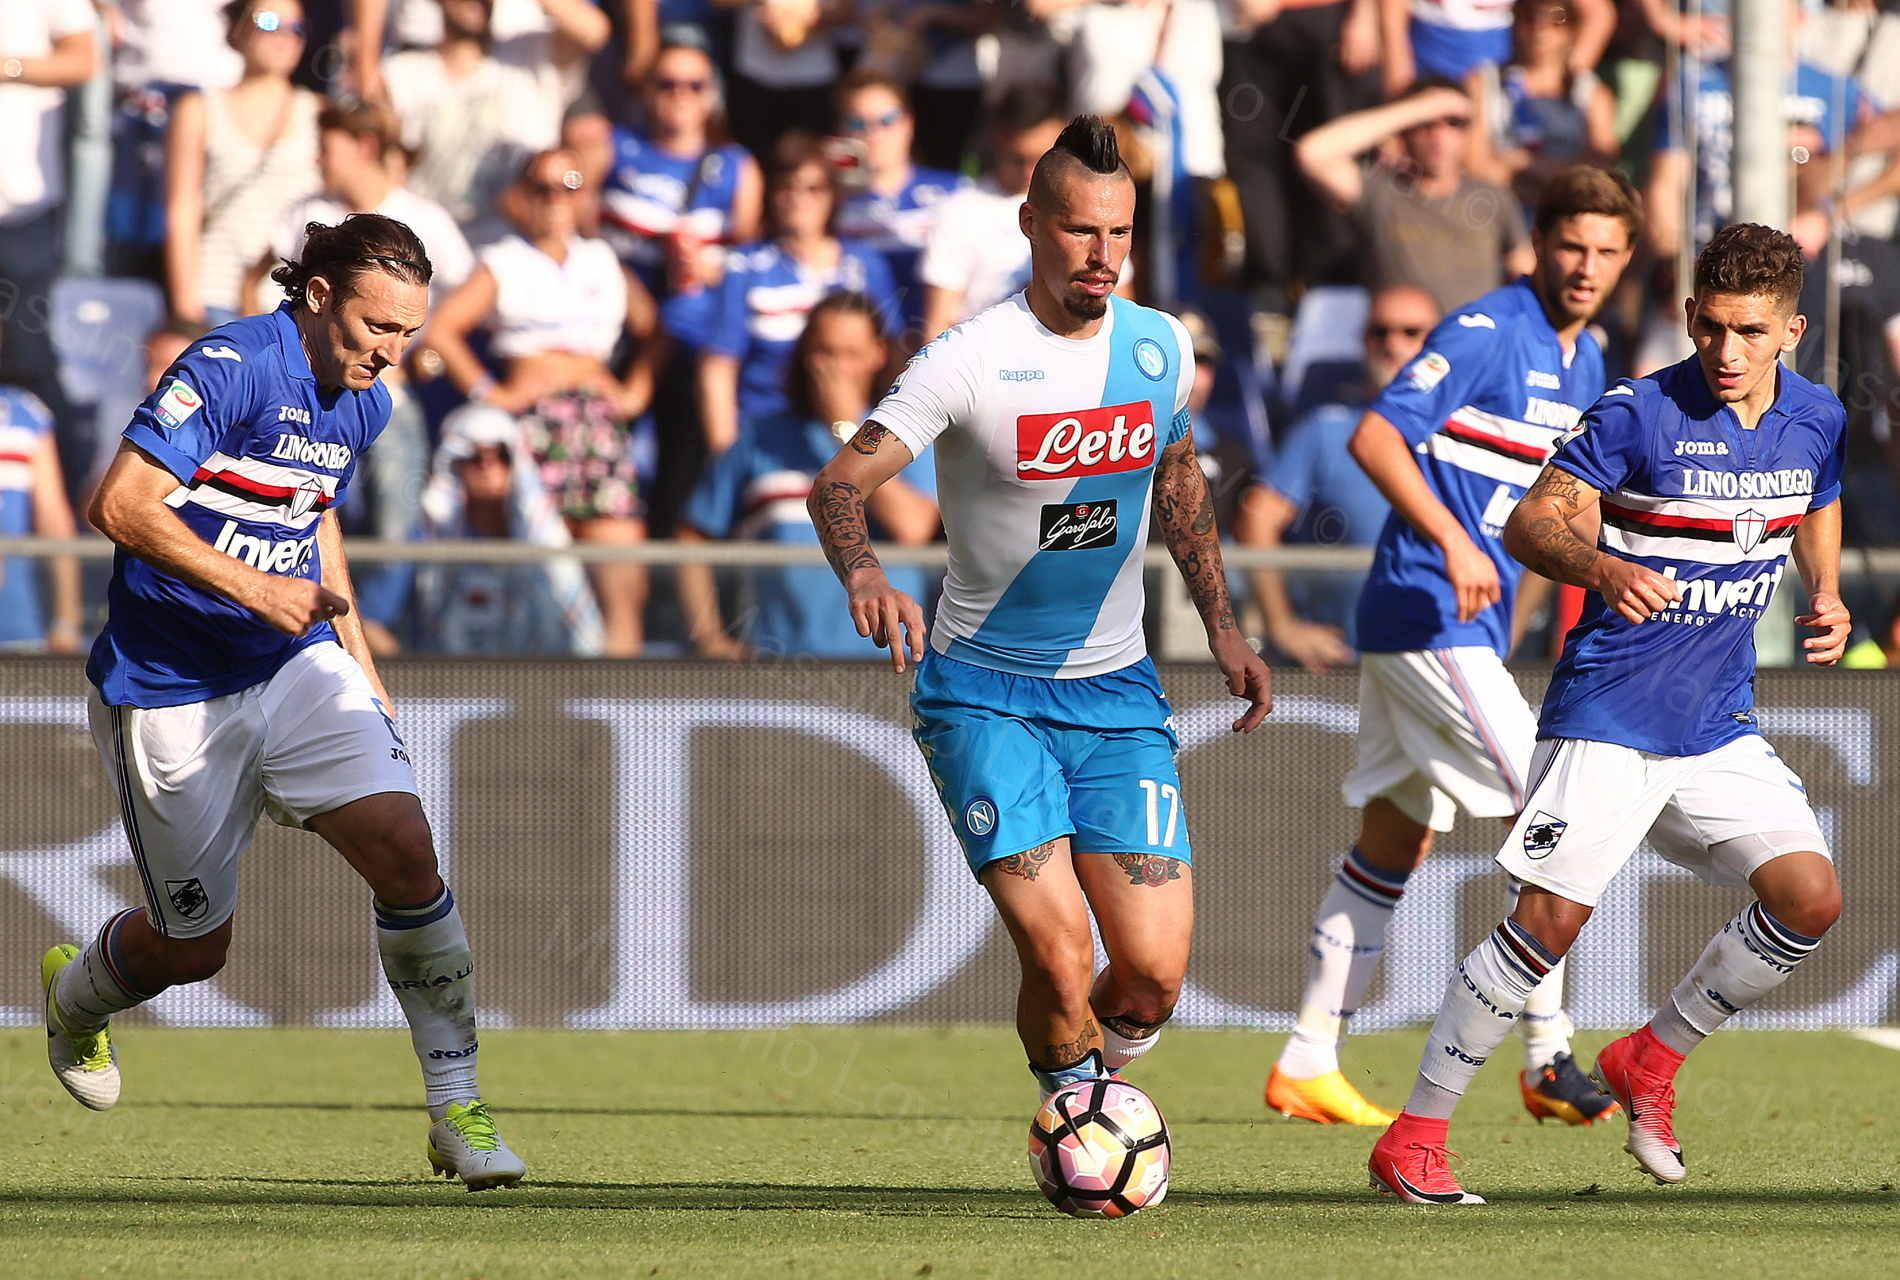 Sampdoria - Napoli 2016/2017 Hamšík in azione